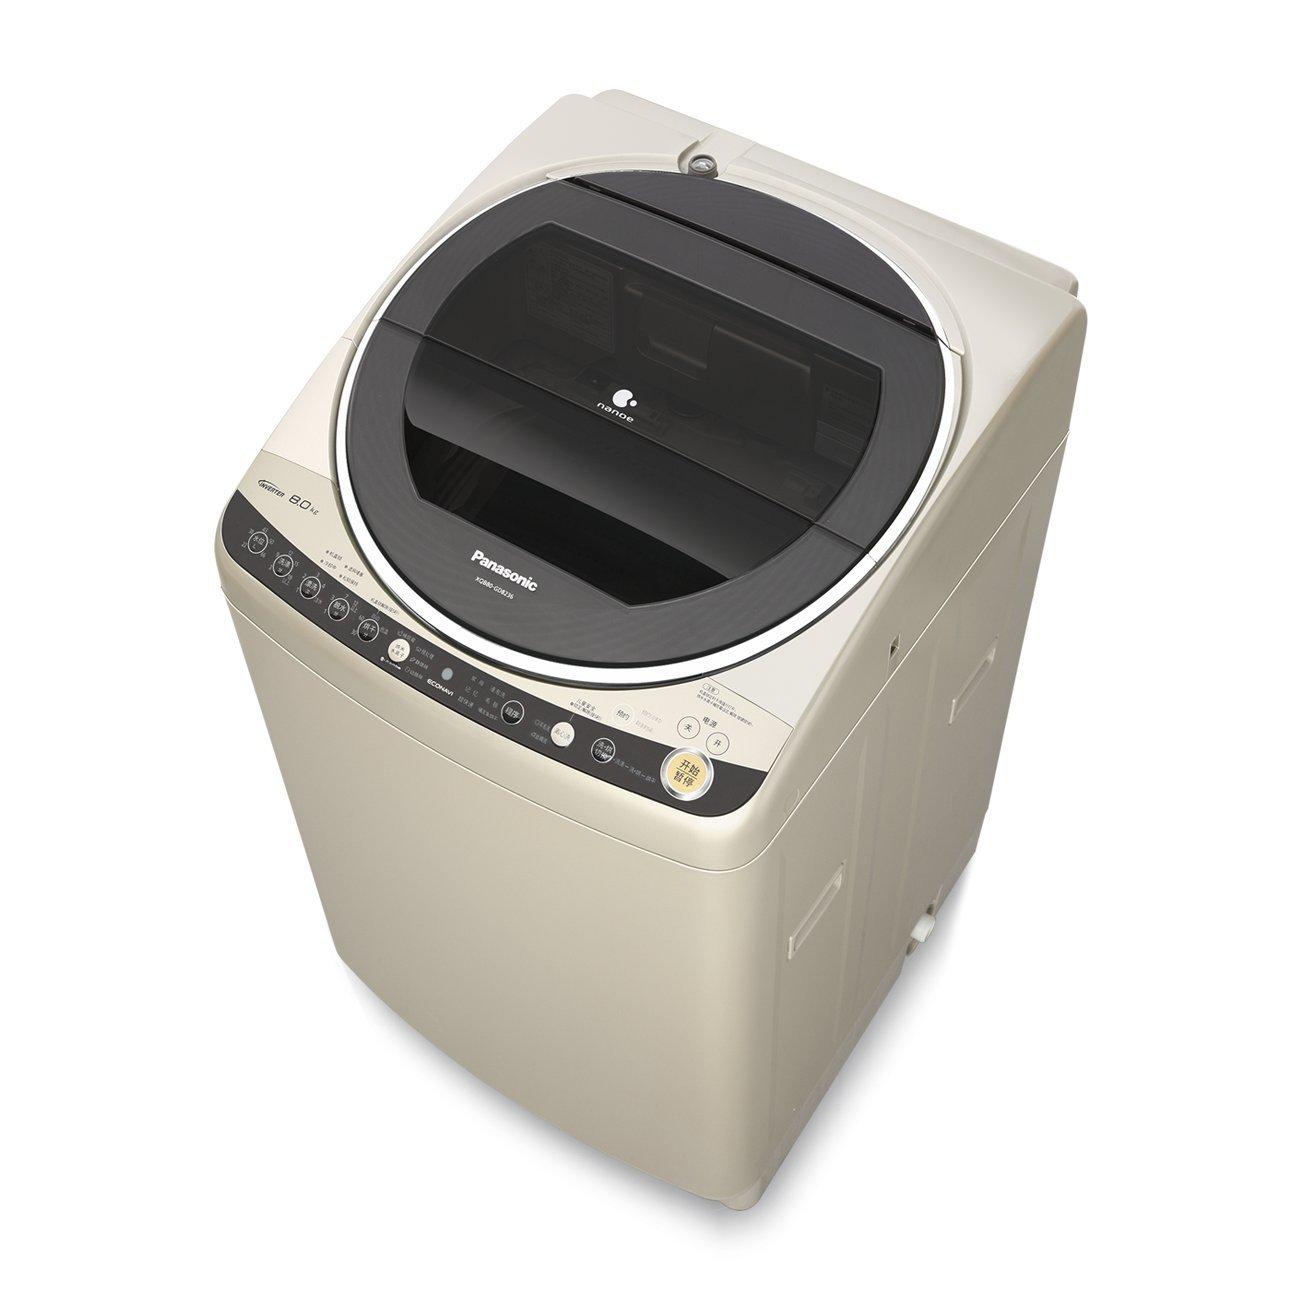 Máy giặt Panasonic Panasonic 8kg tự động hoàn toàn thay đổi tần số máy giặt công suất lớn XQB80-GD8